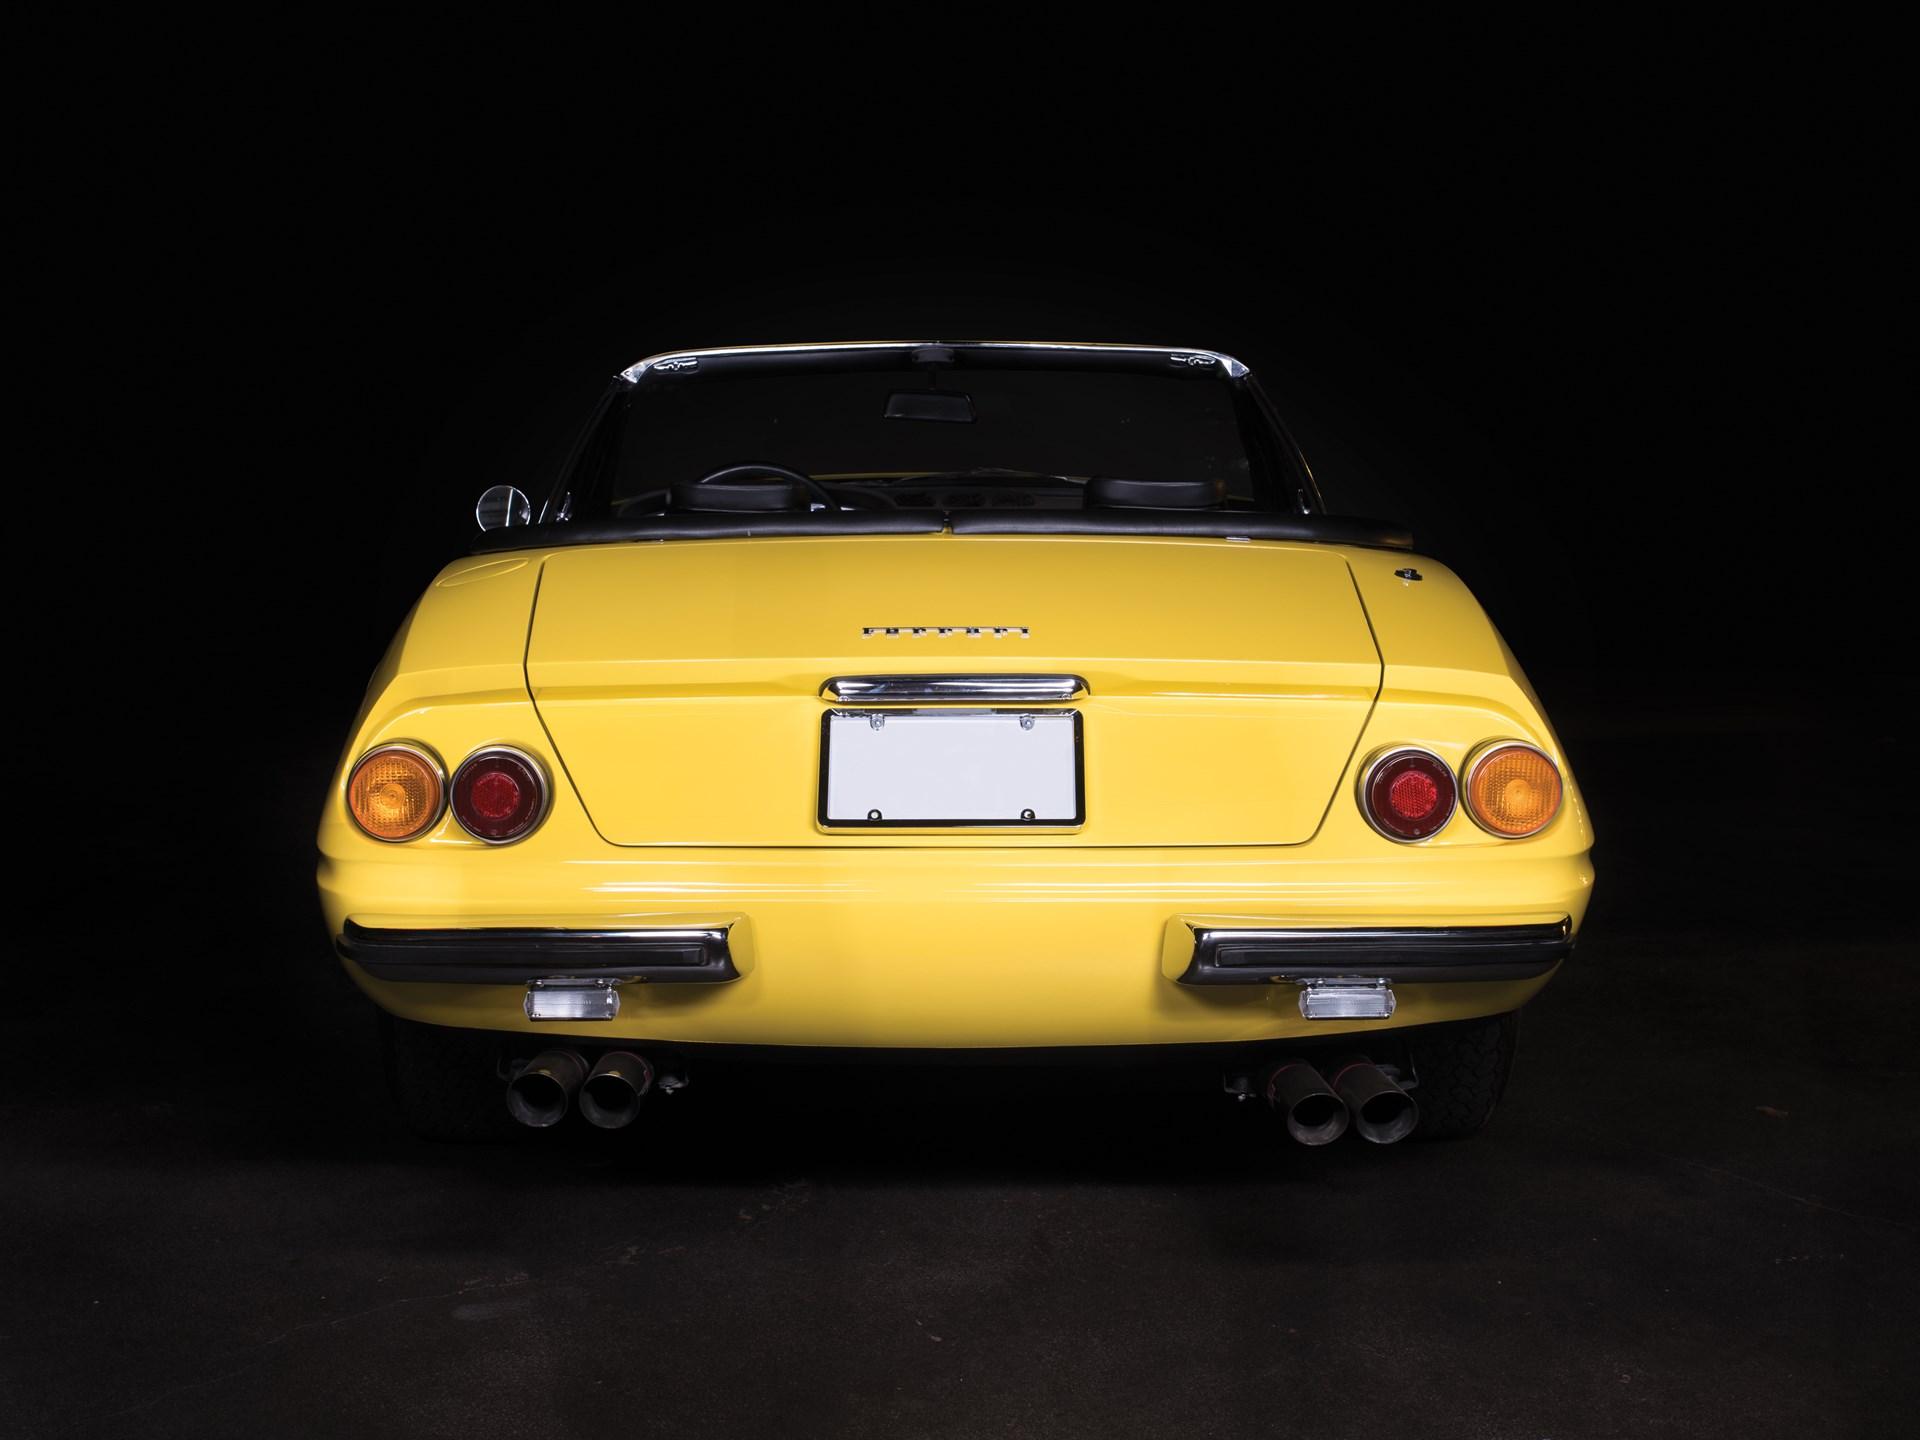 1973 Ferrari 365 GTS/4 Daytona Spider